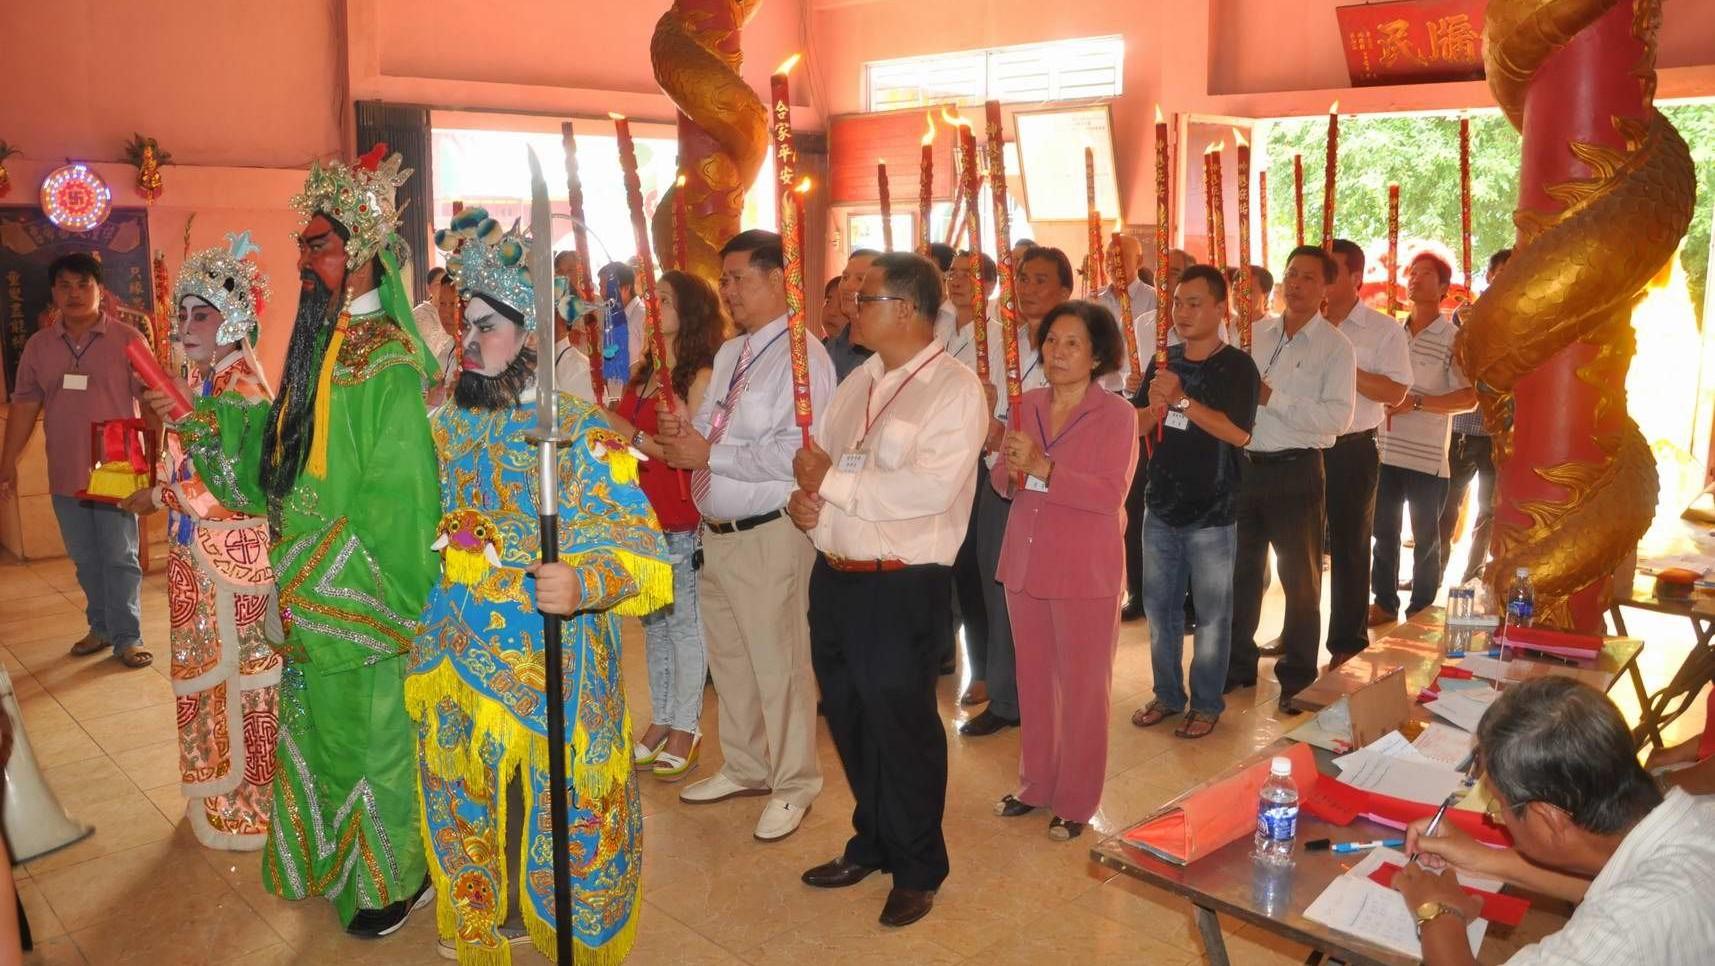 Nghi thức tại hội miếu Ông Địa - một trong các lễ hội ở thành phố Hồ Chí Minh